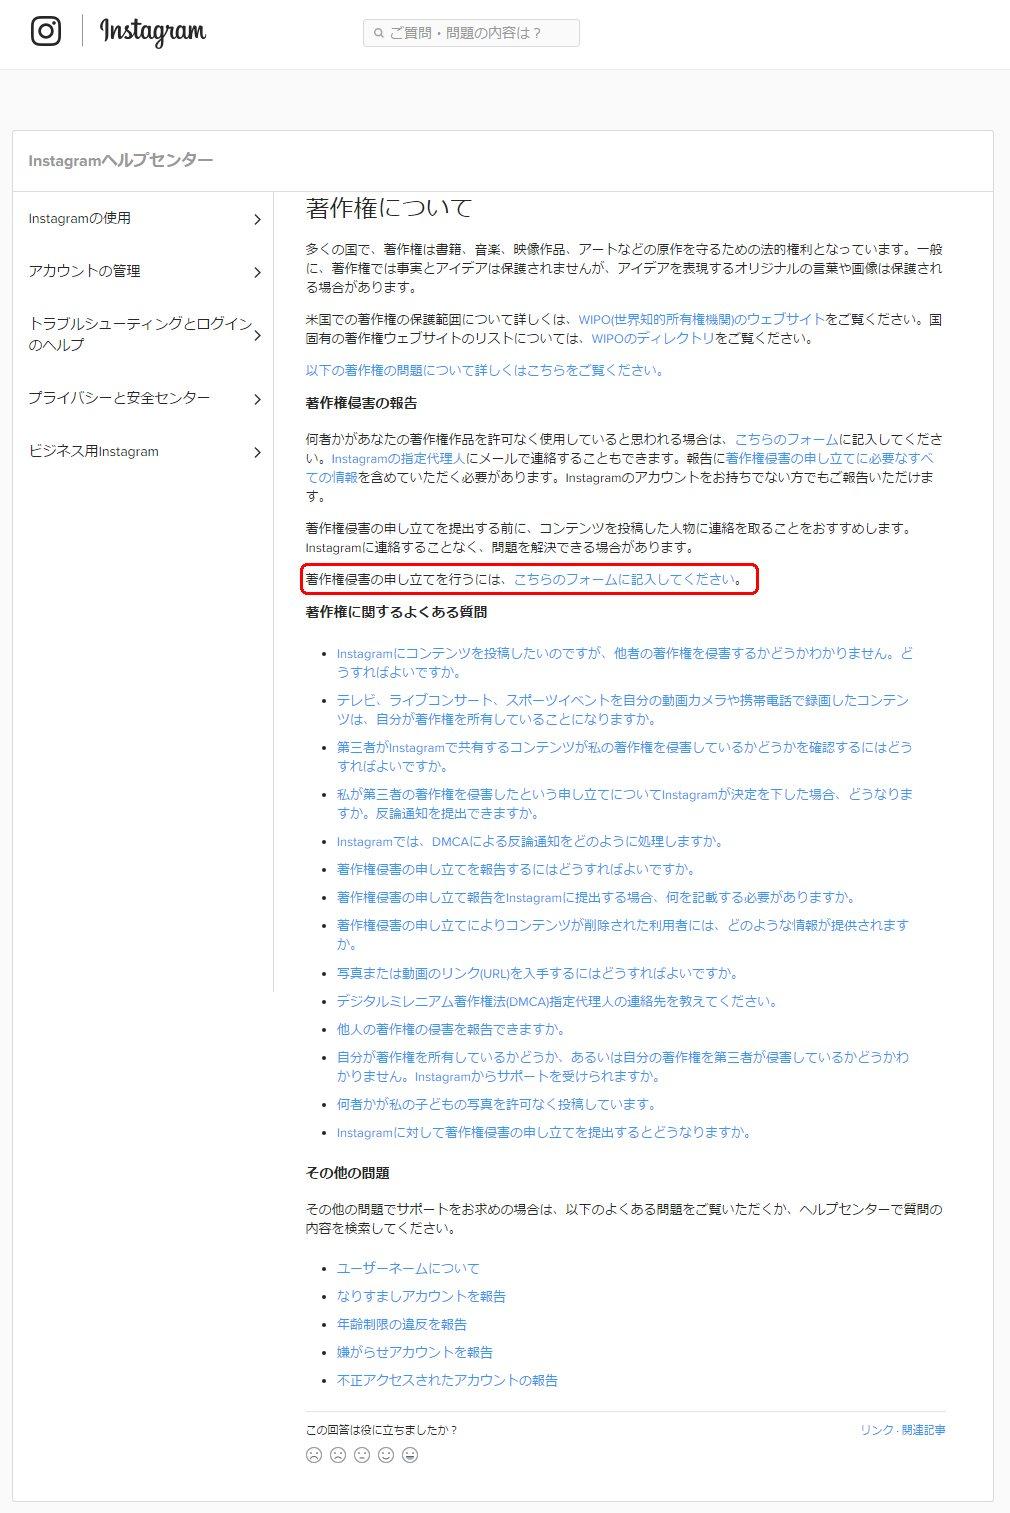 「著作権侵害の申し立てを行うには、こちらのフォームに記入してください。」のリンク箇所をクリック